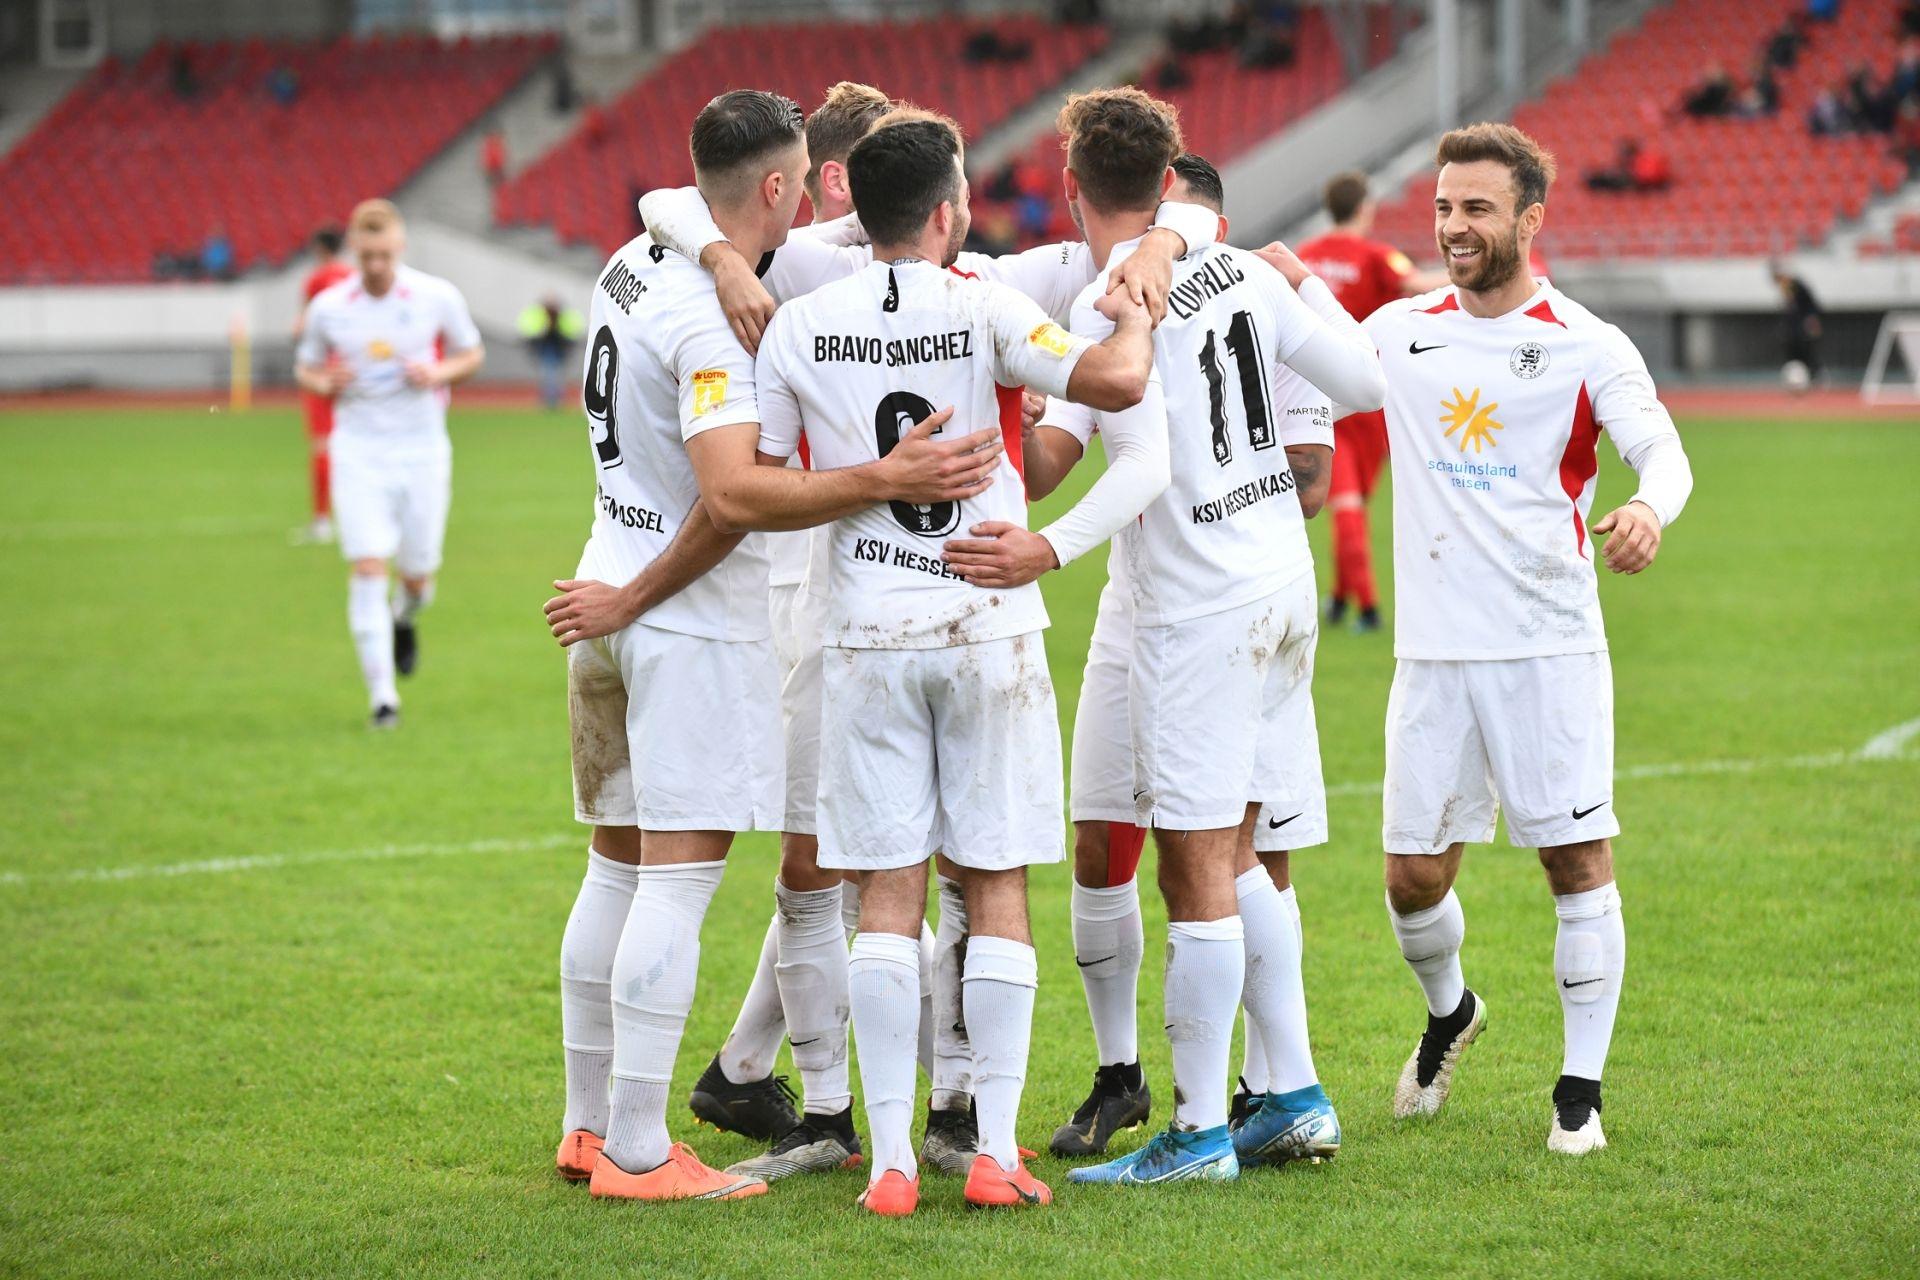 KSV Hessen Kassel, Rot-Weiss Walldorf, Endstand 4:0, Jubel zum 2:0